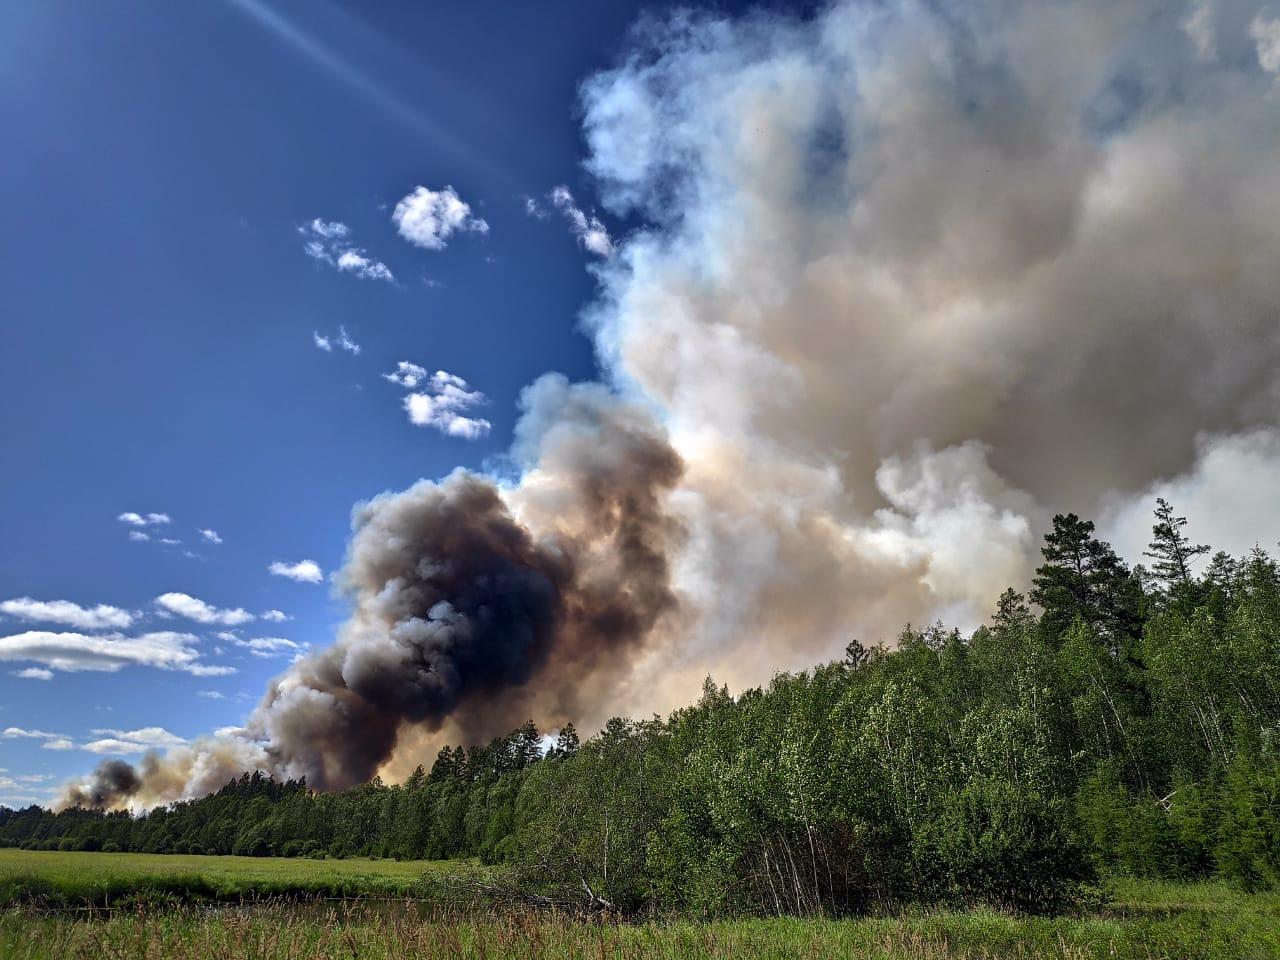 В тушении лесных пожаров в Якутии задействовано 713 человек и 52 единицы техники